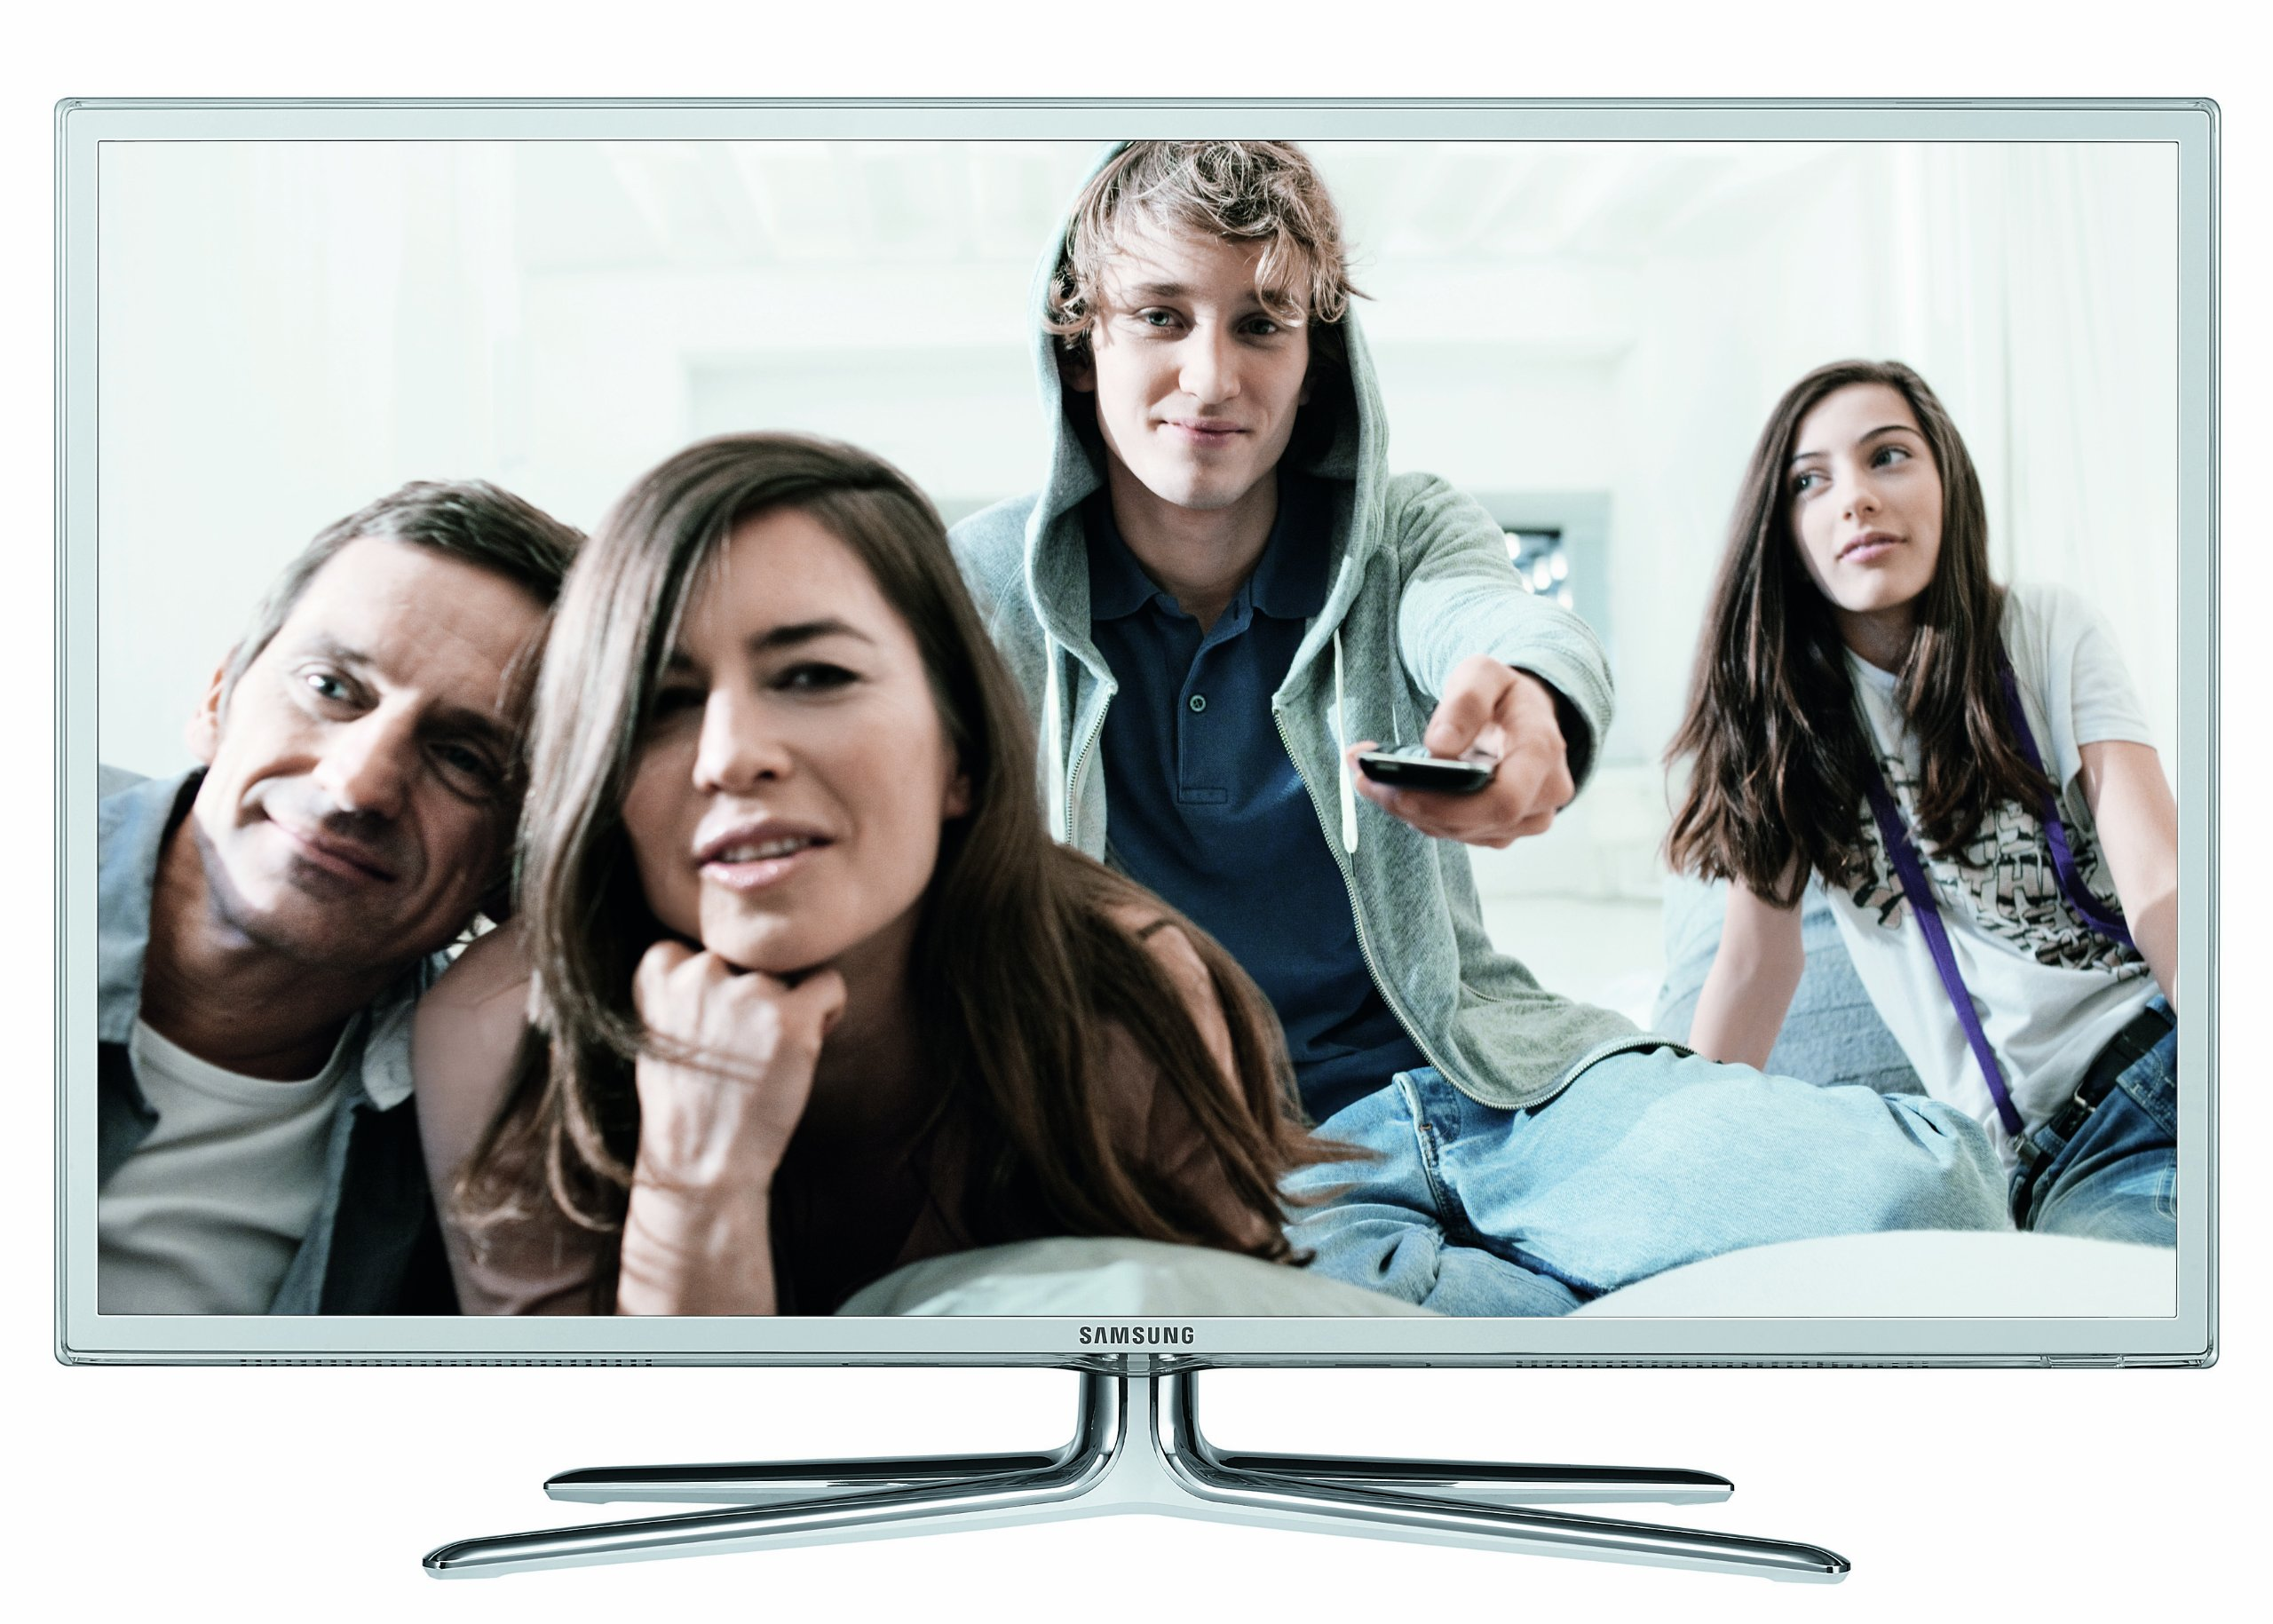 Samsung UE46D6510WSXZG - Televisión LED de 46 pulgadas Full HD (200 Hz): Amazon.es: Electrónica